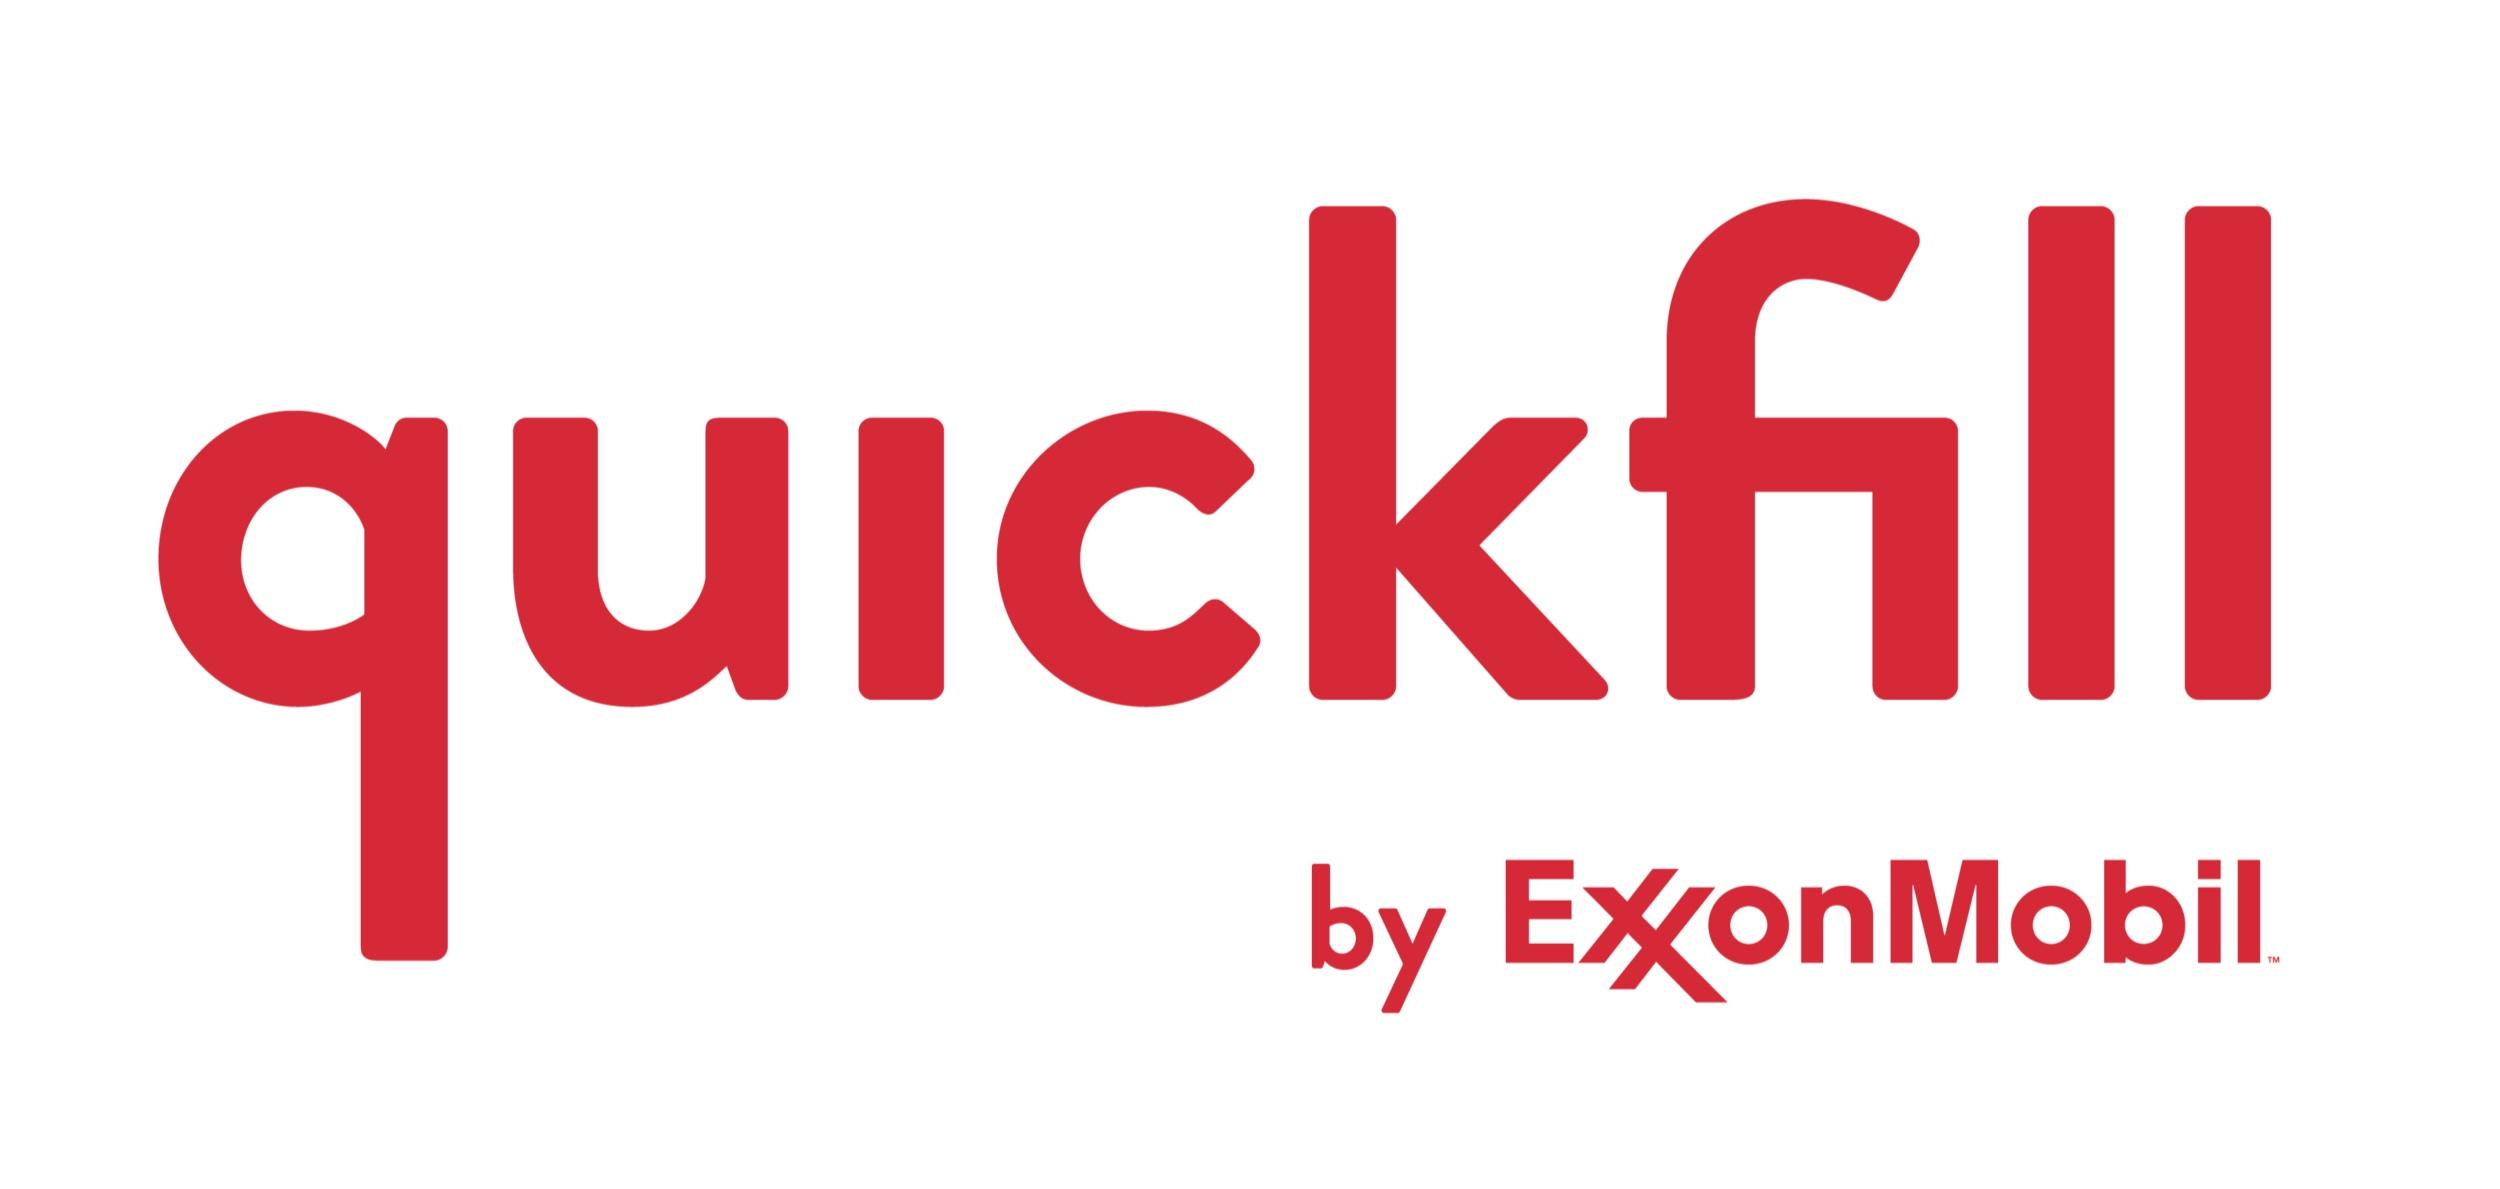 quickfill_truck-04.jpg